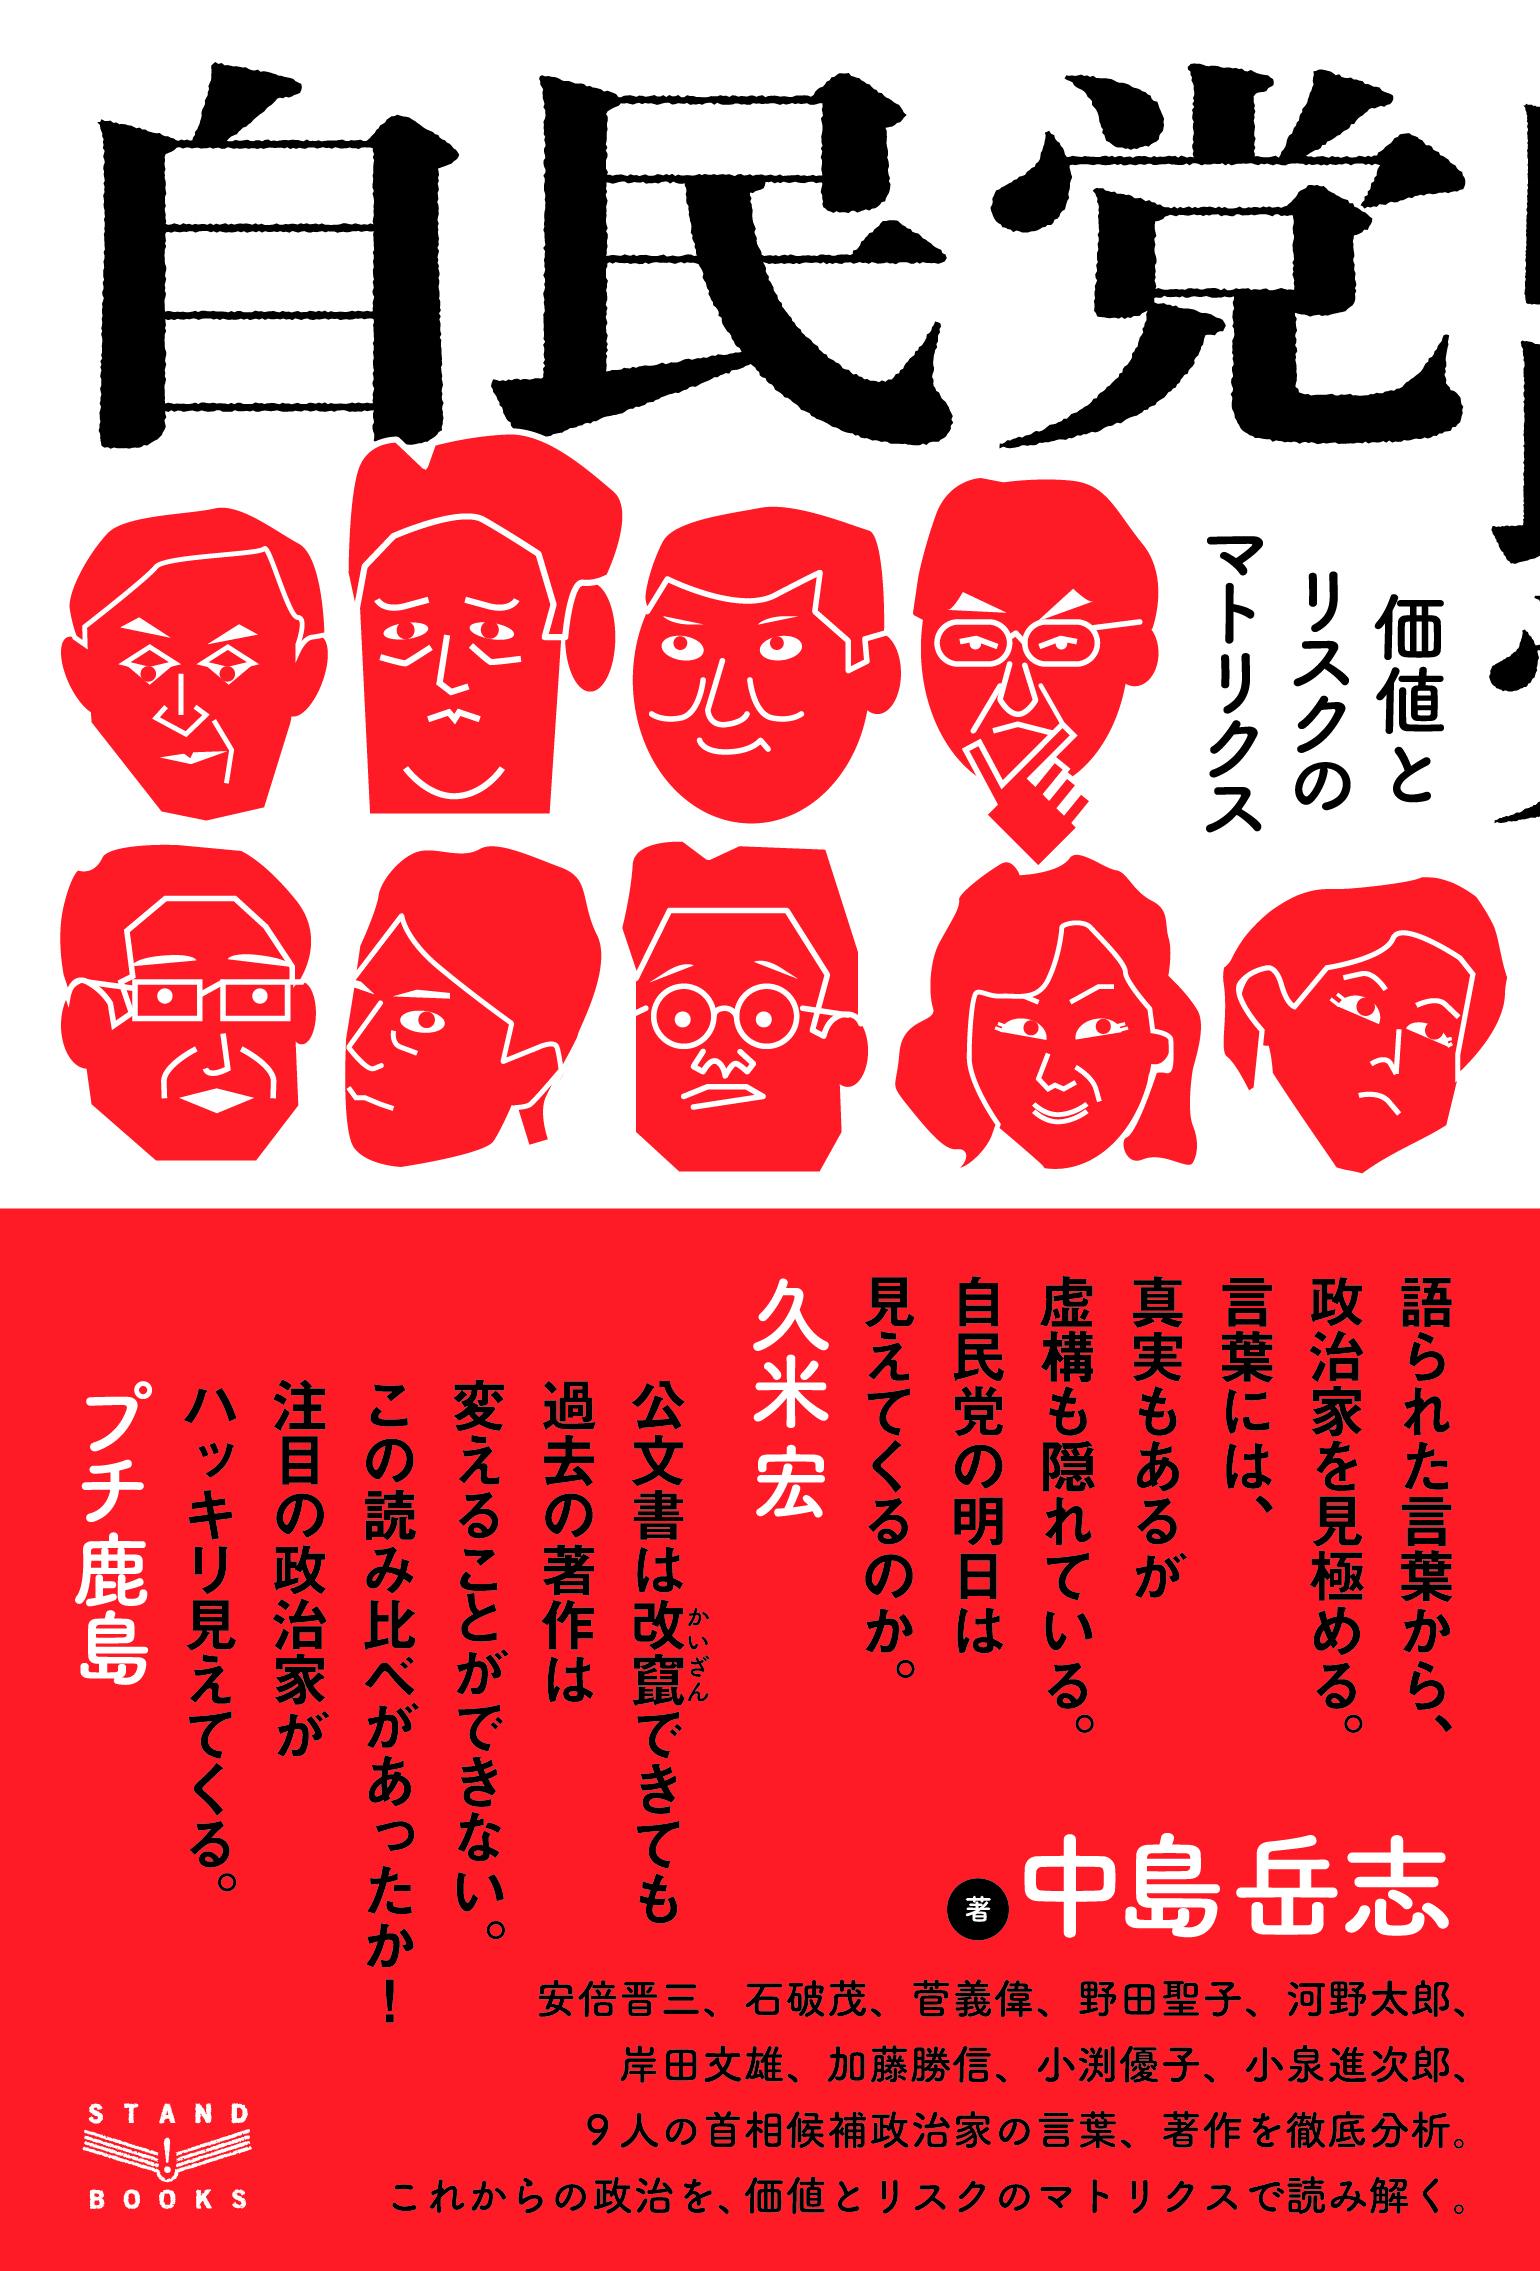 中島岳志『自民党 価値とリスクのマトリクス』